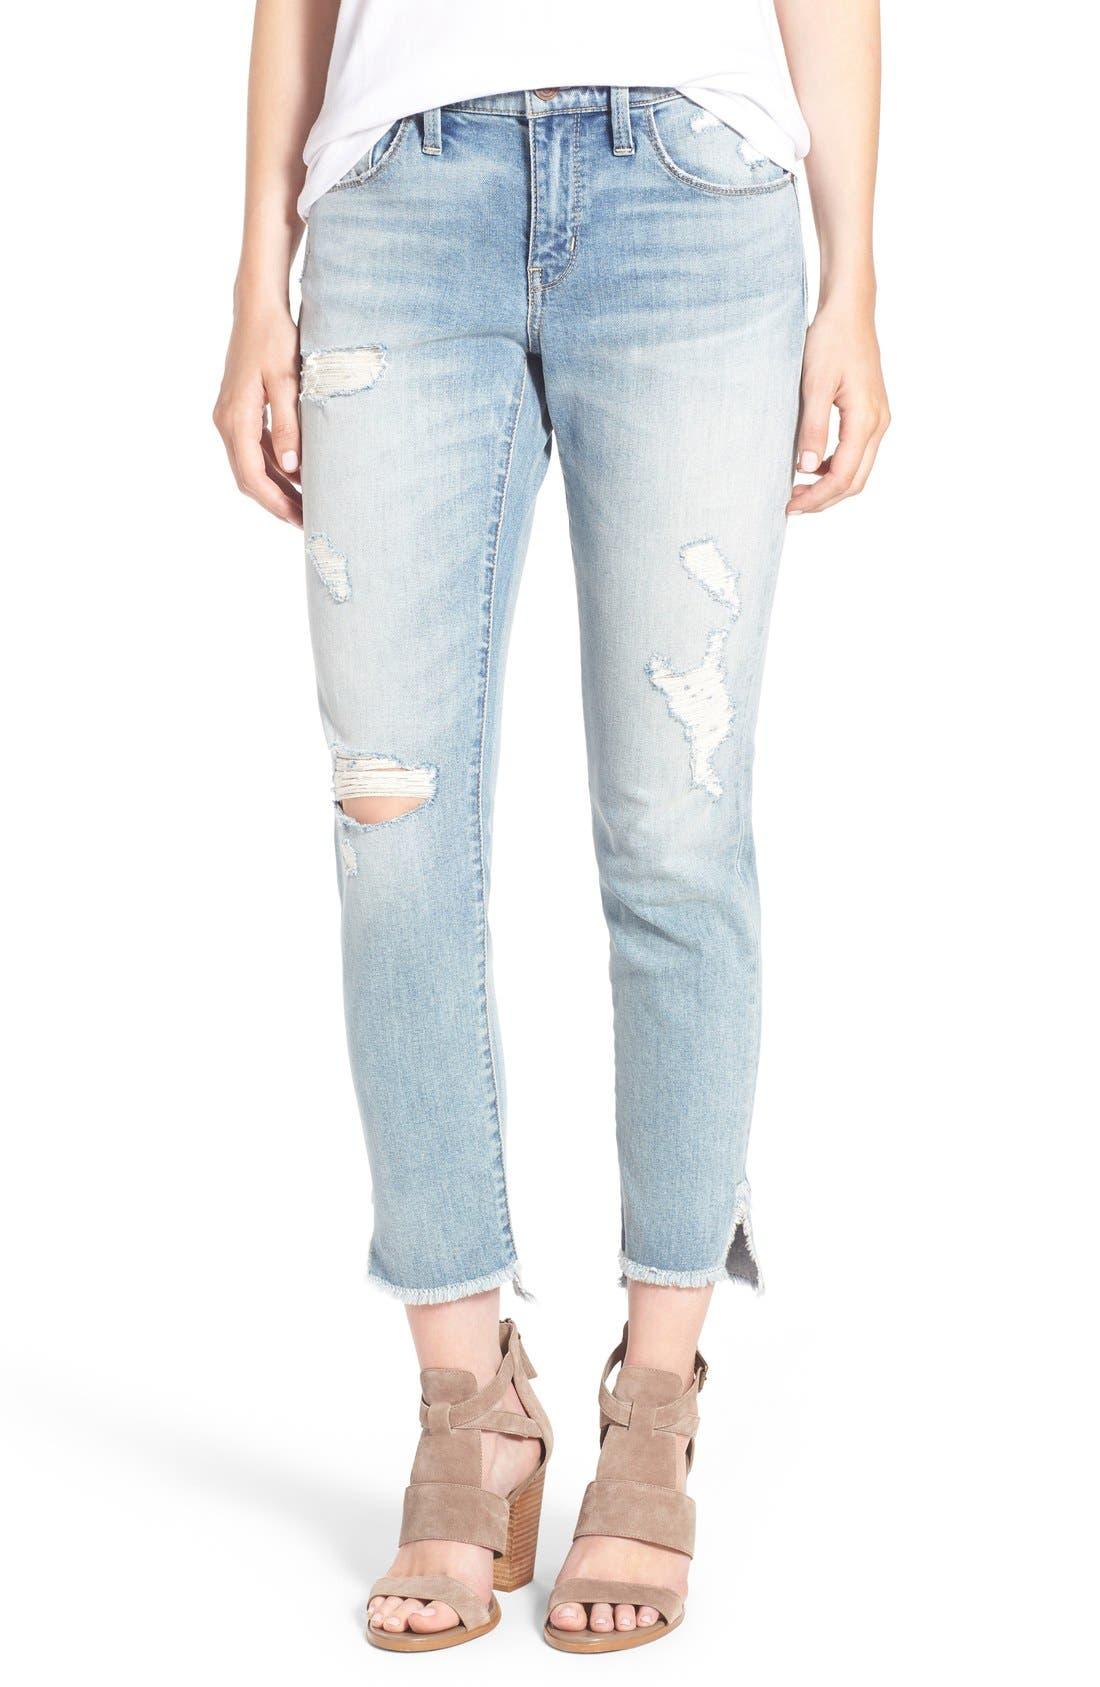 Alternate Image 1 Selected - Treasure&Bond Ankle Boyfriend Skinny Jeans (Gravel Light Destroy)